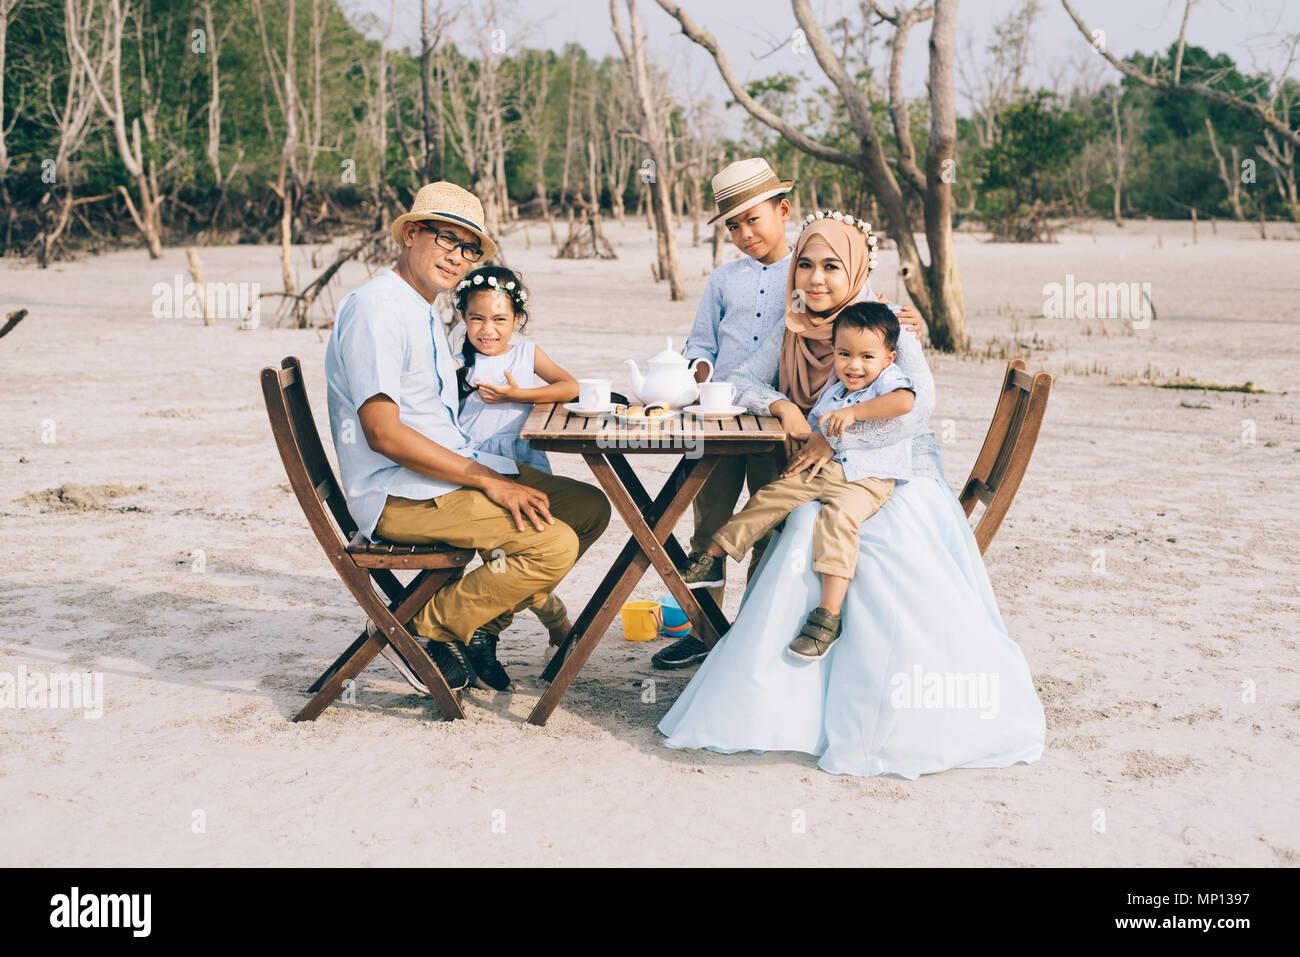 Gerne asiatische Familie in einem guten Moment des Glücks Picknick im Freien. Familie, Liebe und Beziehung Konzept Stockfoto